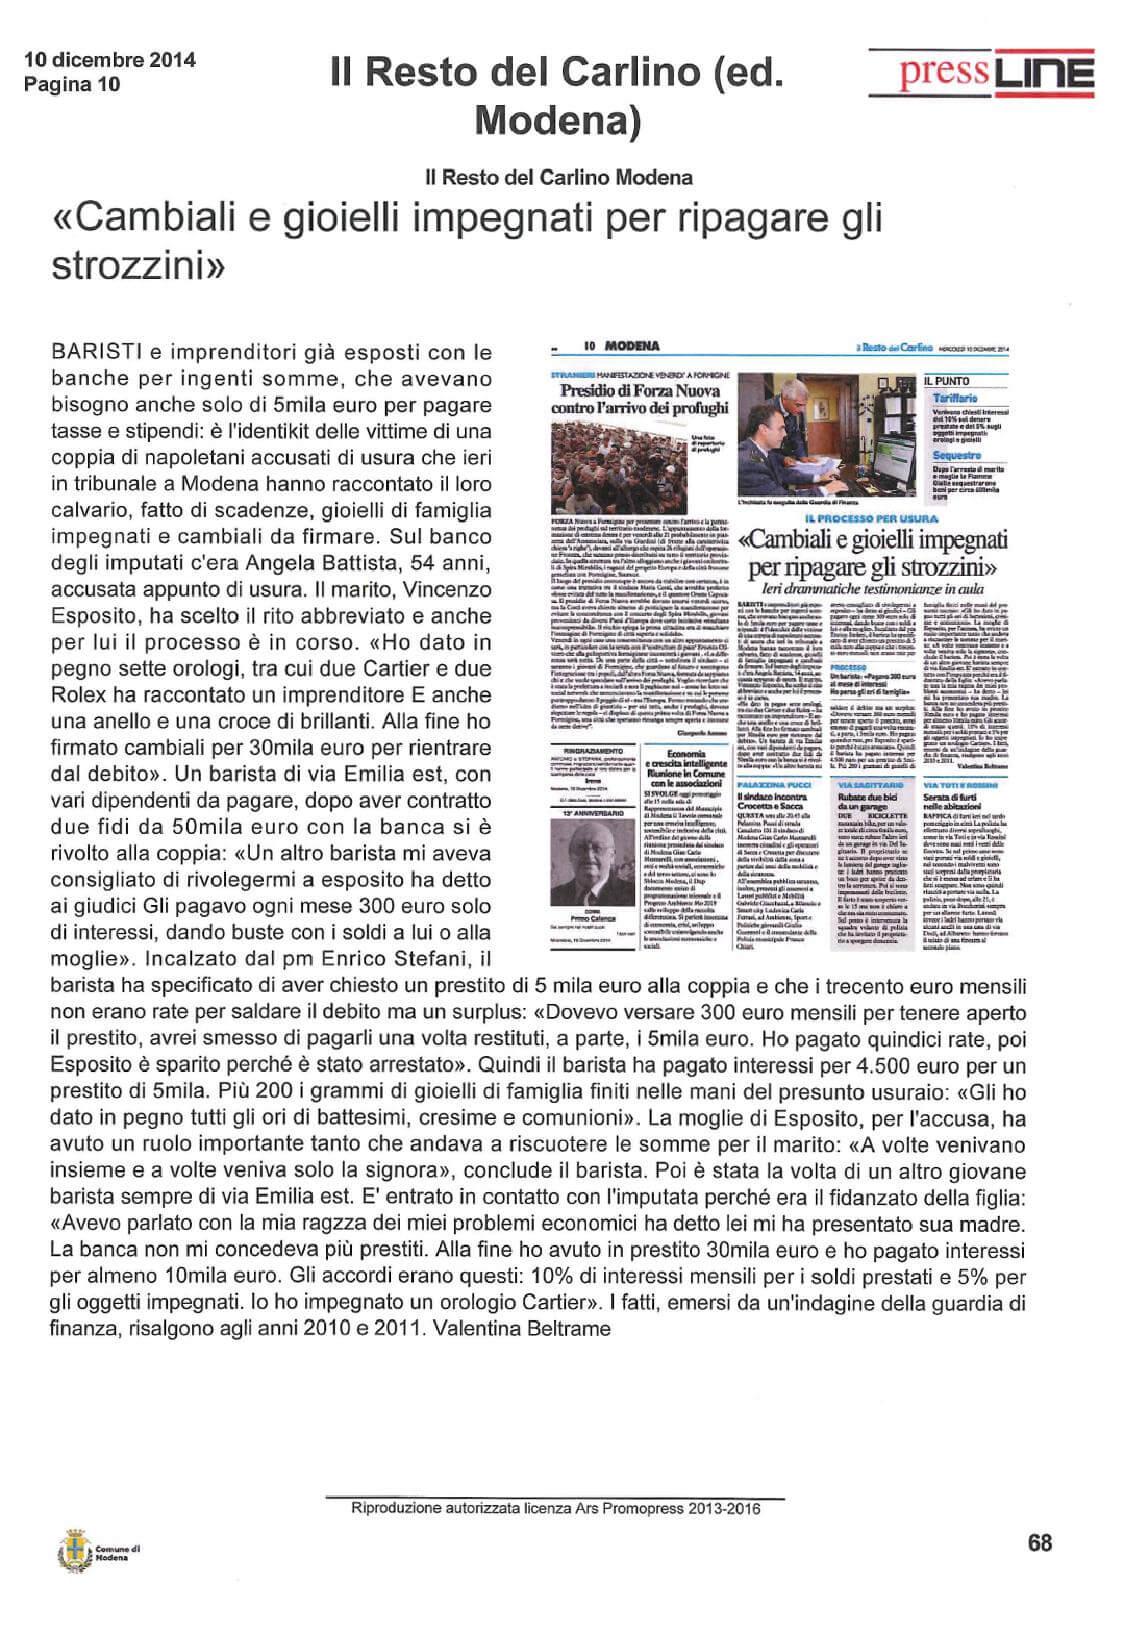 10_12_14_rdc_p10-1-page-001-1